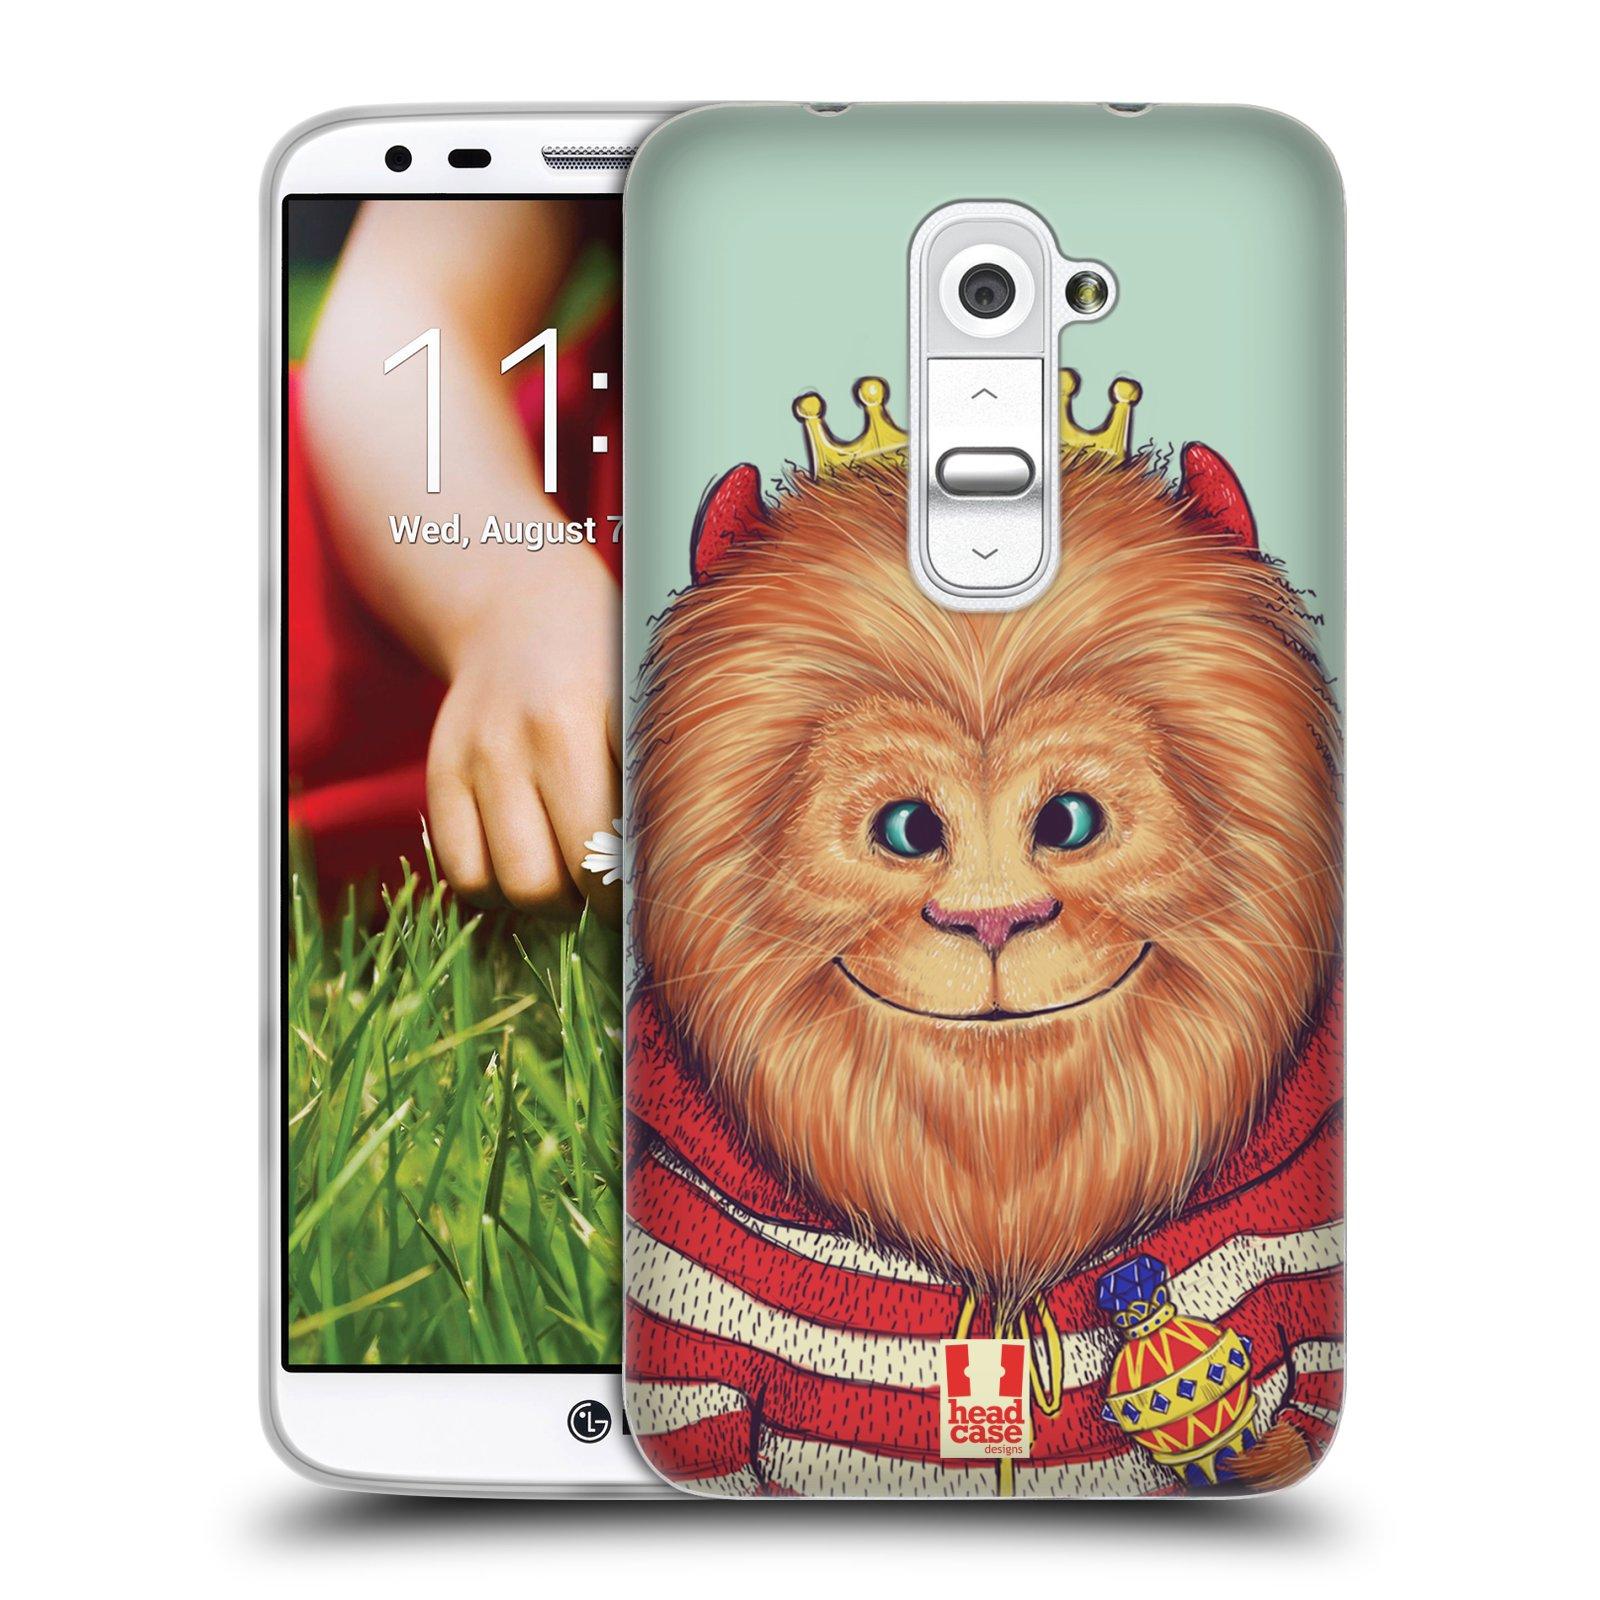 HEAD CASE silikonový obal na mobil LG G2 vzor Kreslená zvířátka lev